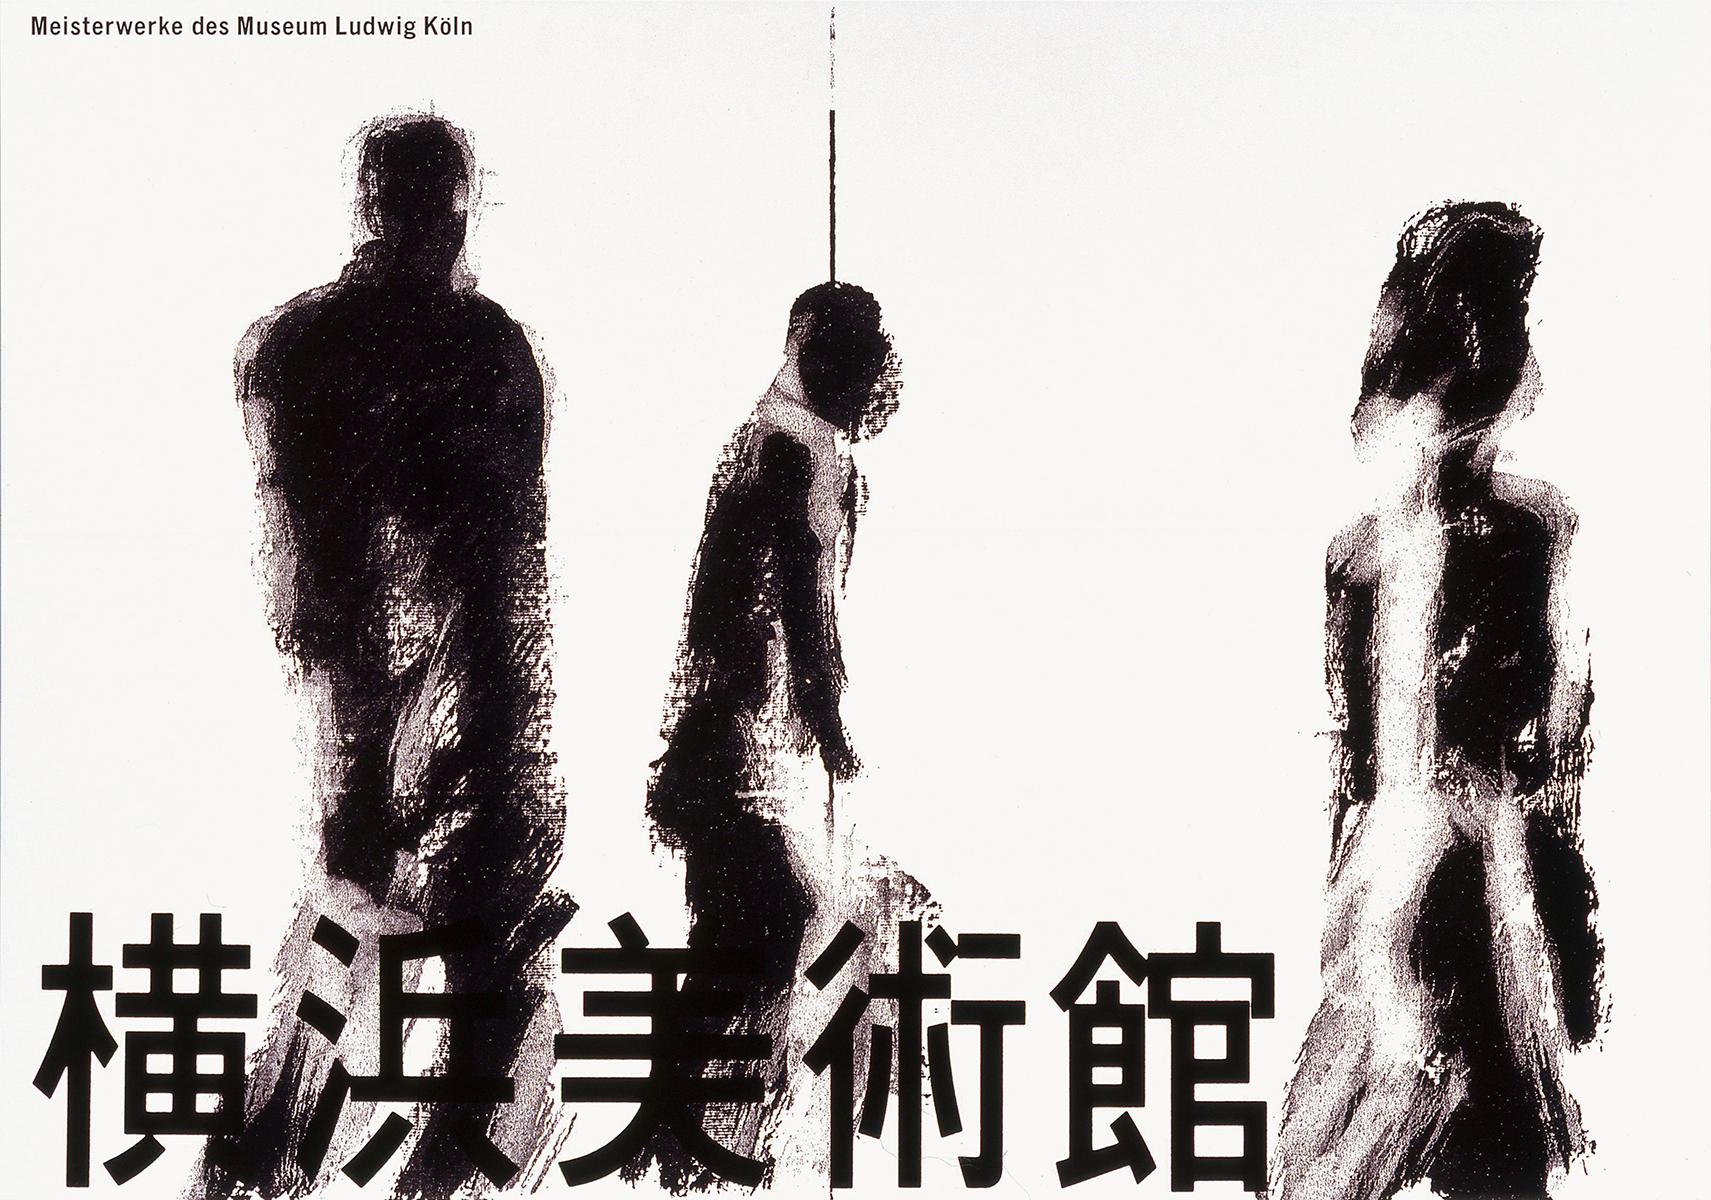 仲條正義/泉屋政昭|横浜美術館ポスター 「ルードヴィヒ美術館展」